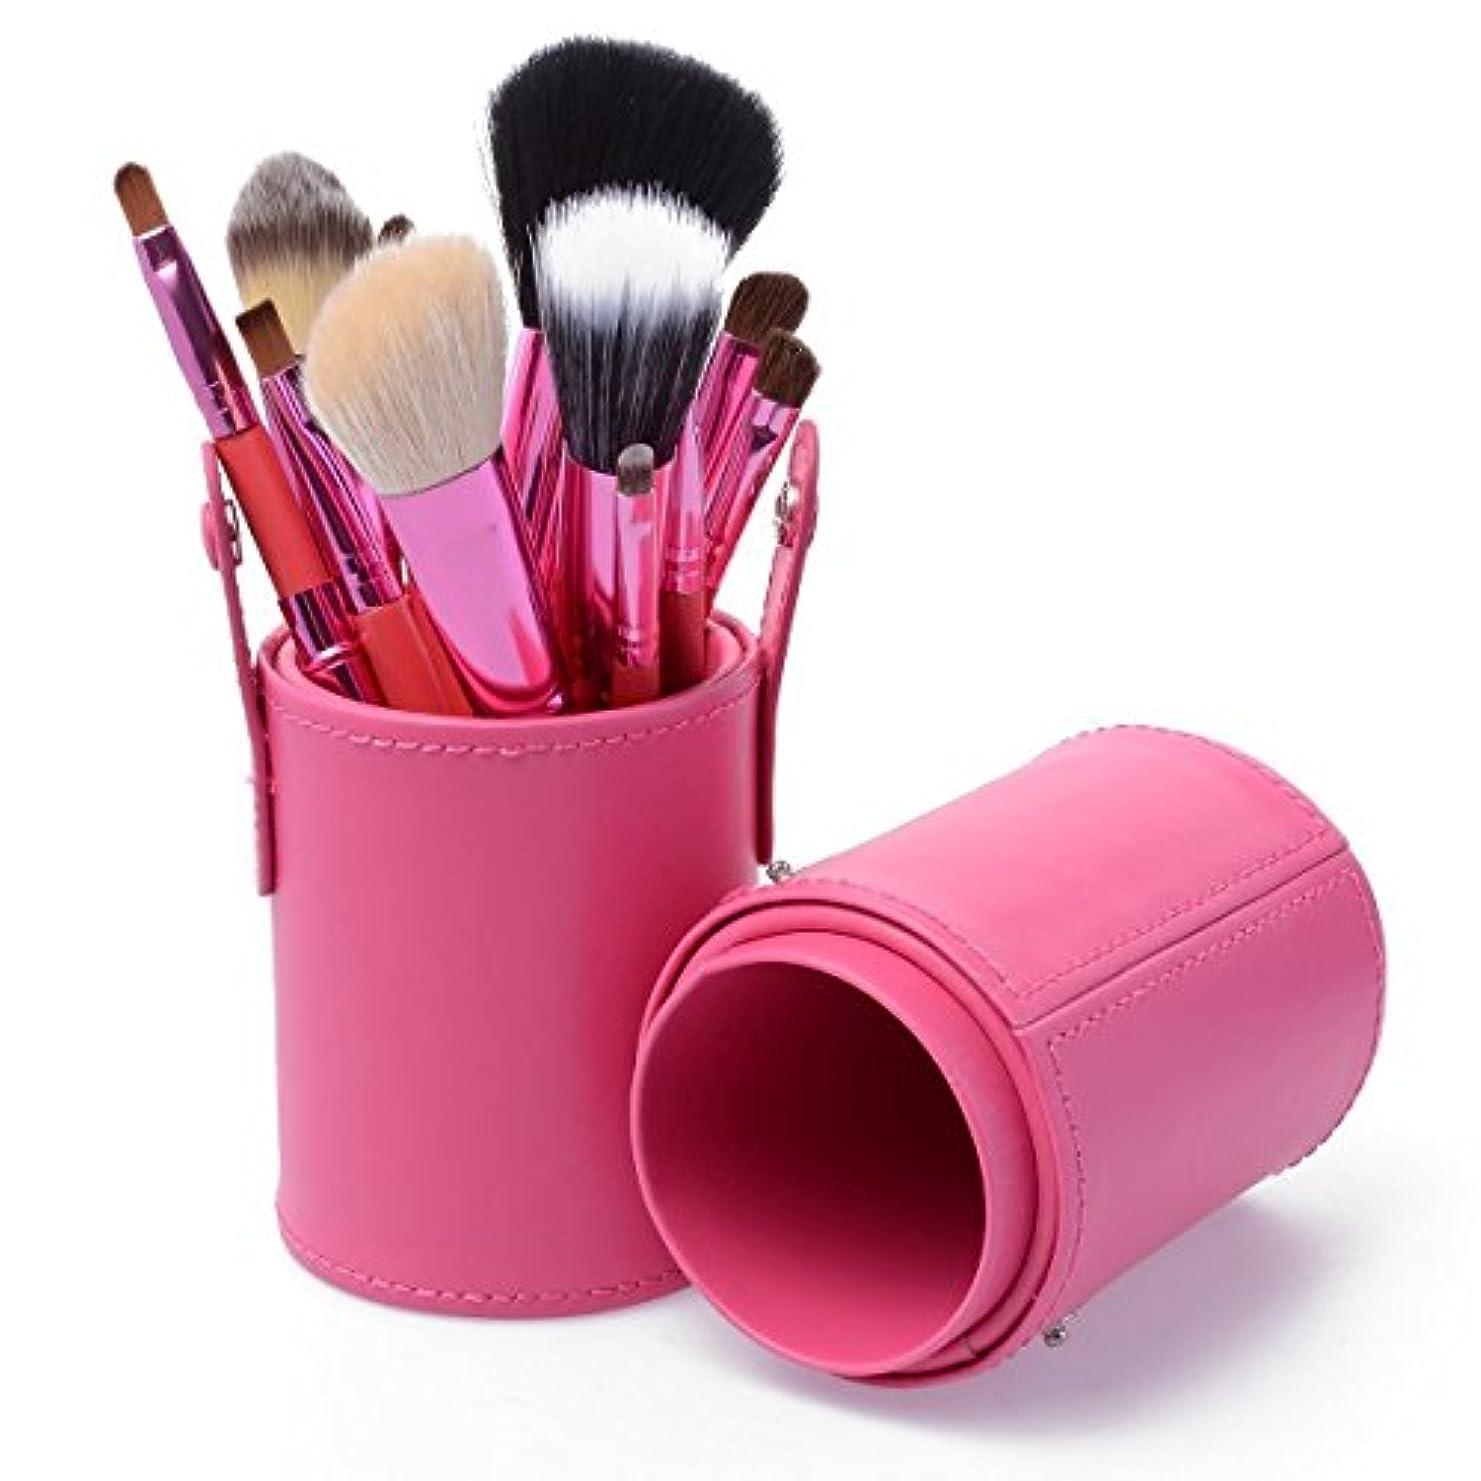 パスタ具体的に講堂KanCai メイク ブラシ セット 12本 化粧ブラシ セット コスメ ブラシ 収納ケース付き (ピンク)